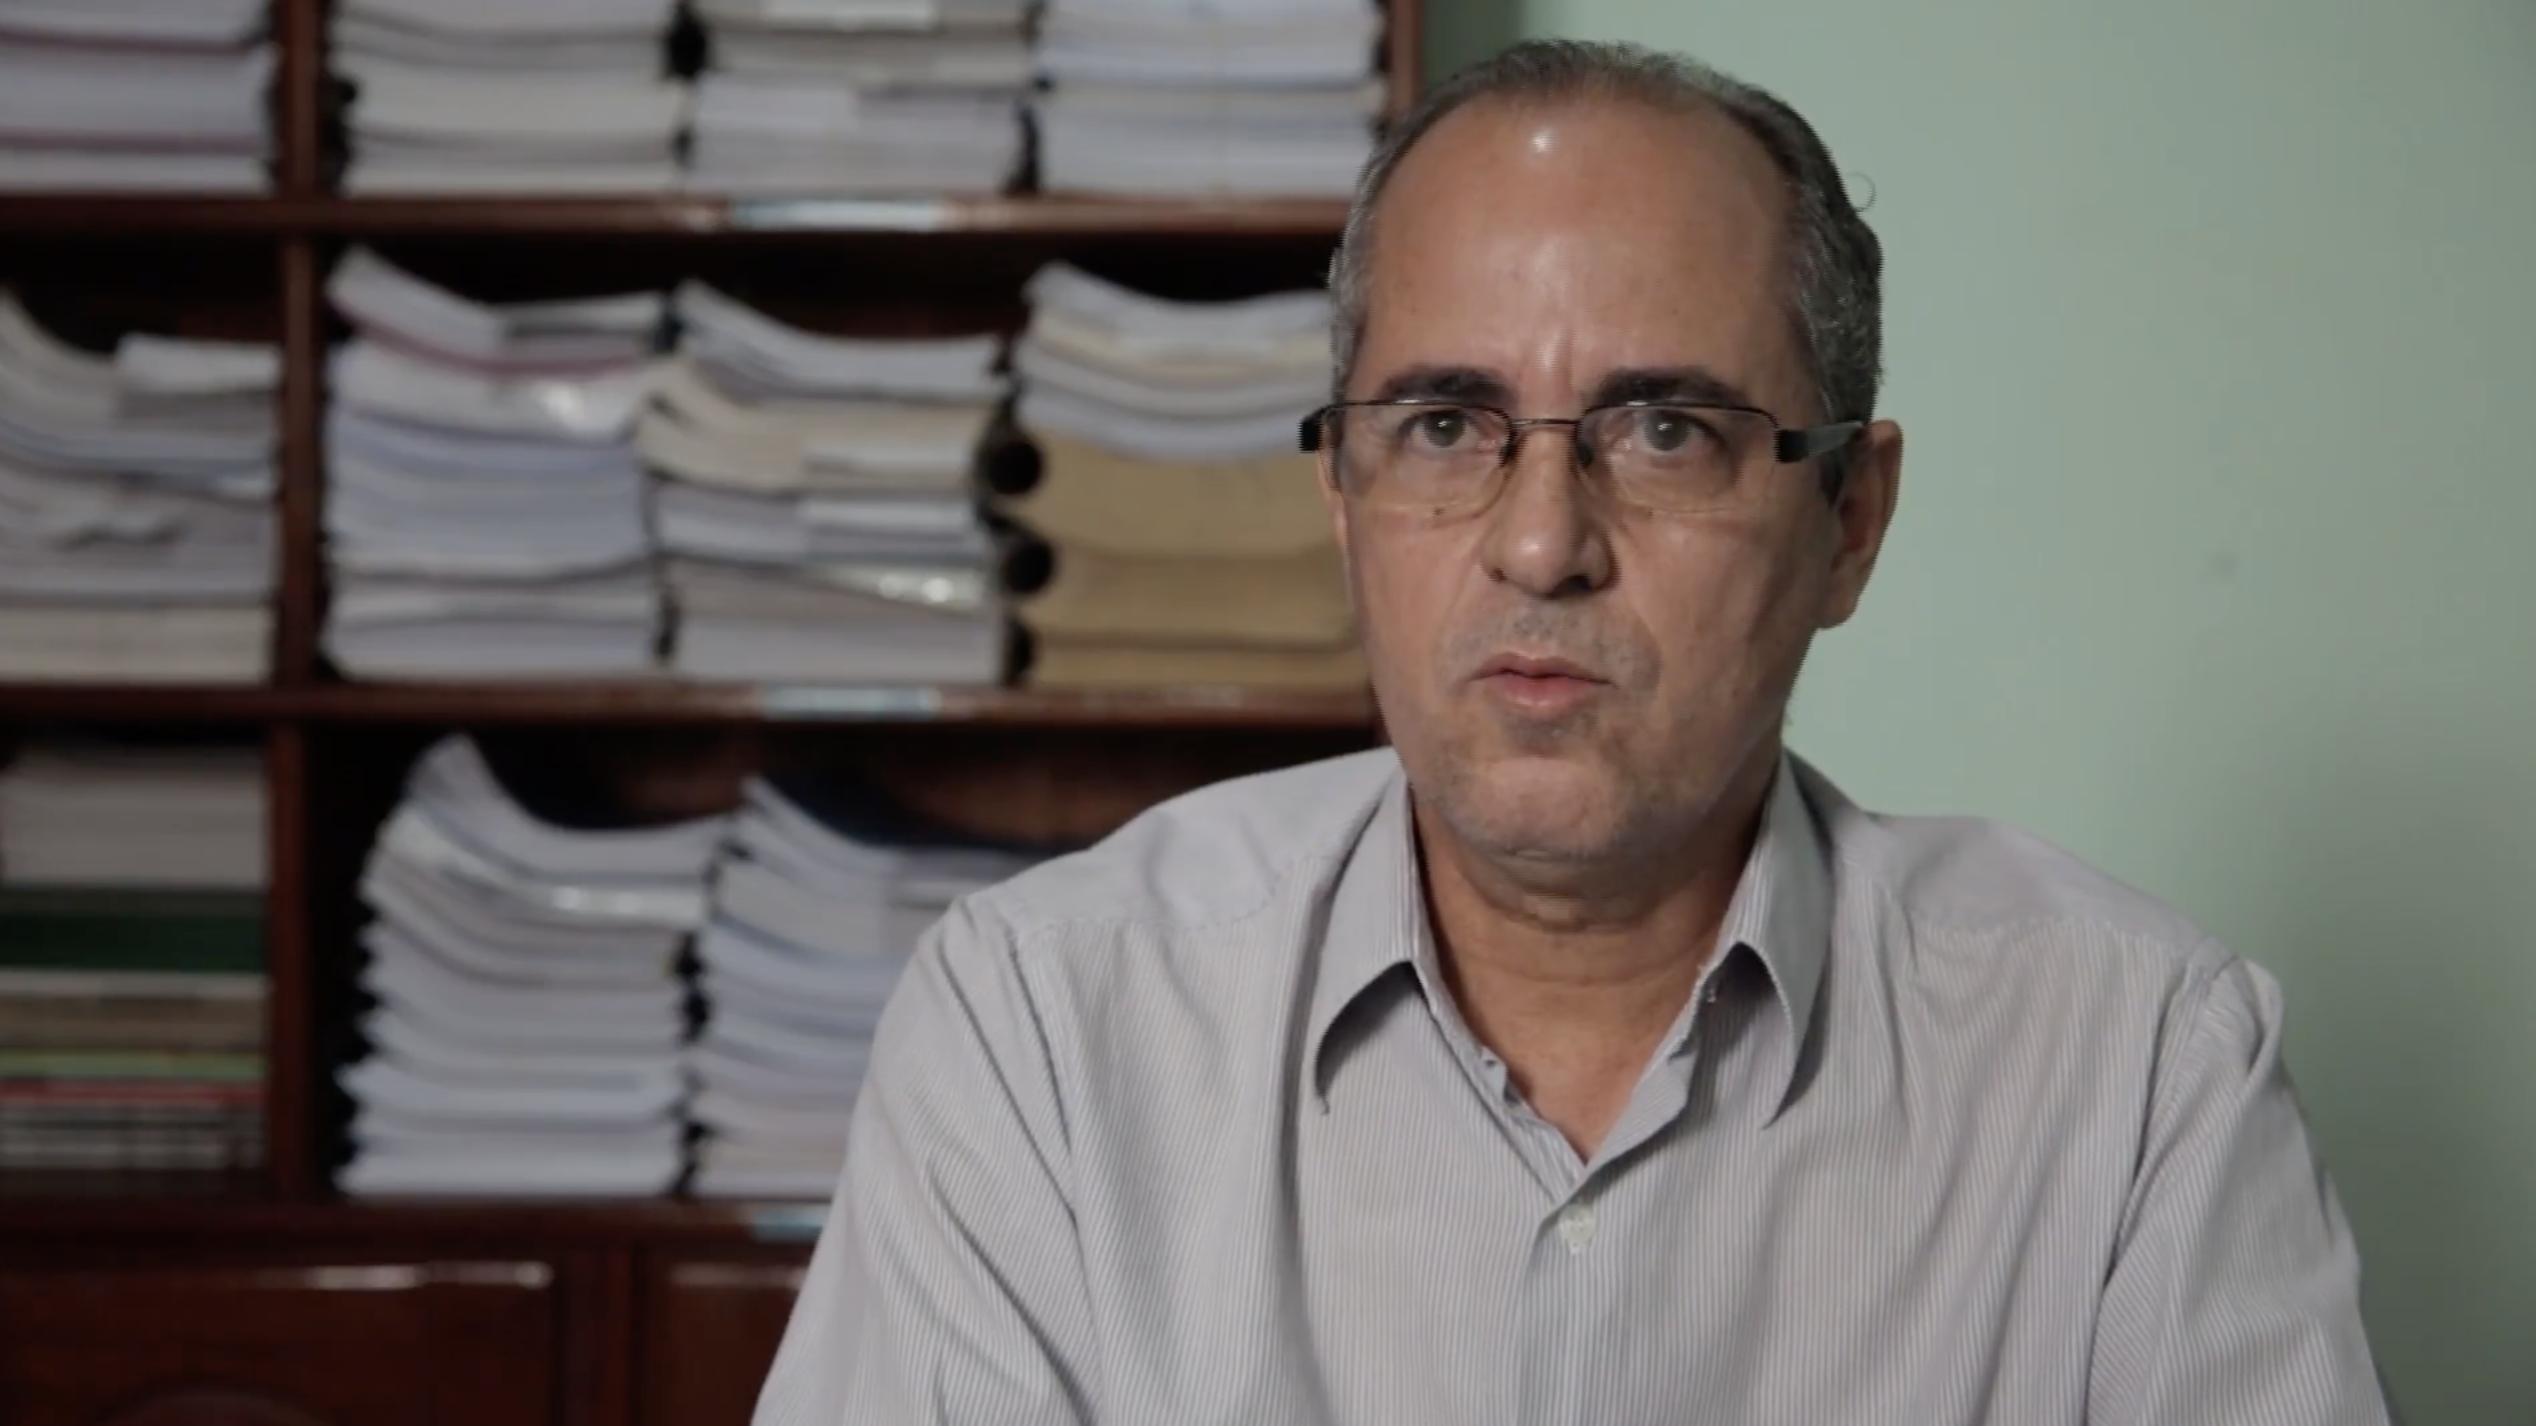 Marabá: Medidas paliativas não vão reduzir violência no campo, diz João Batista Afonso